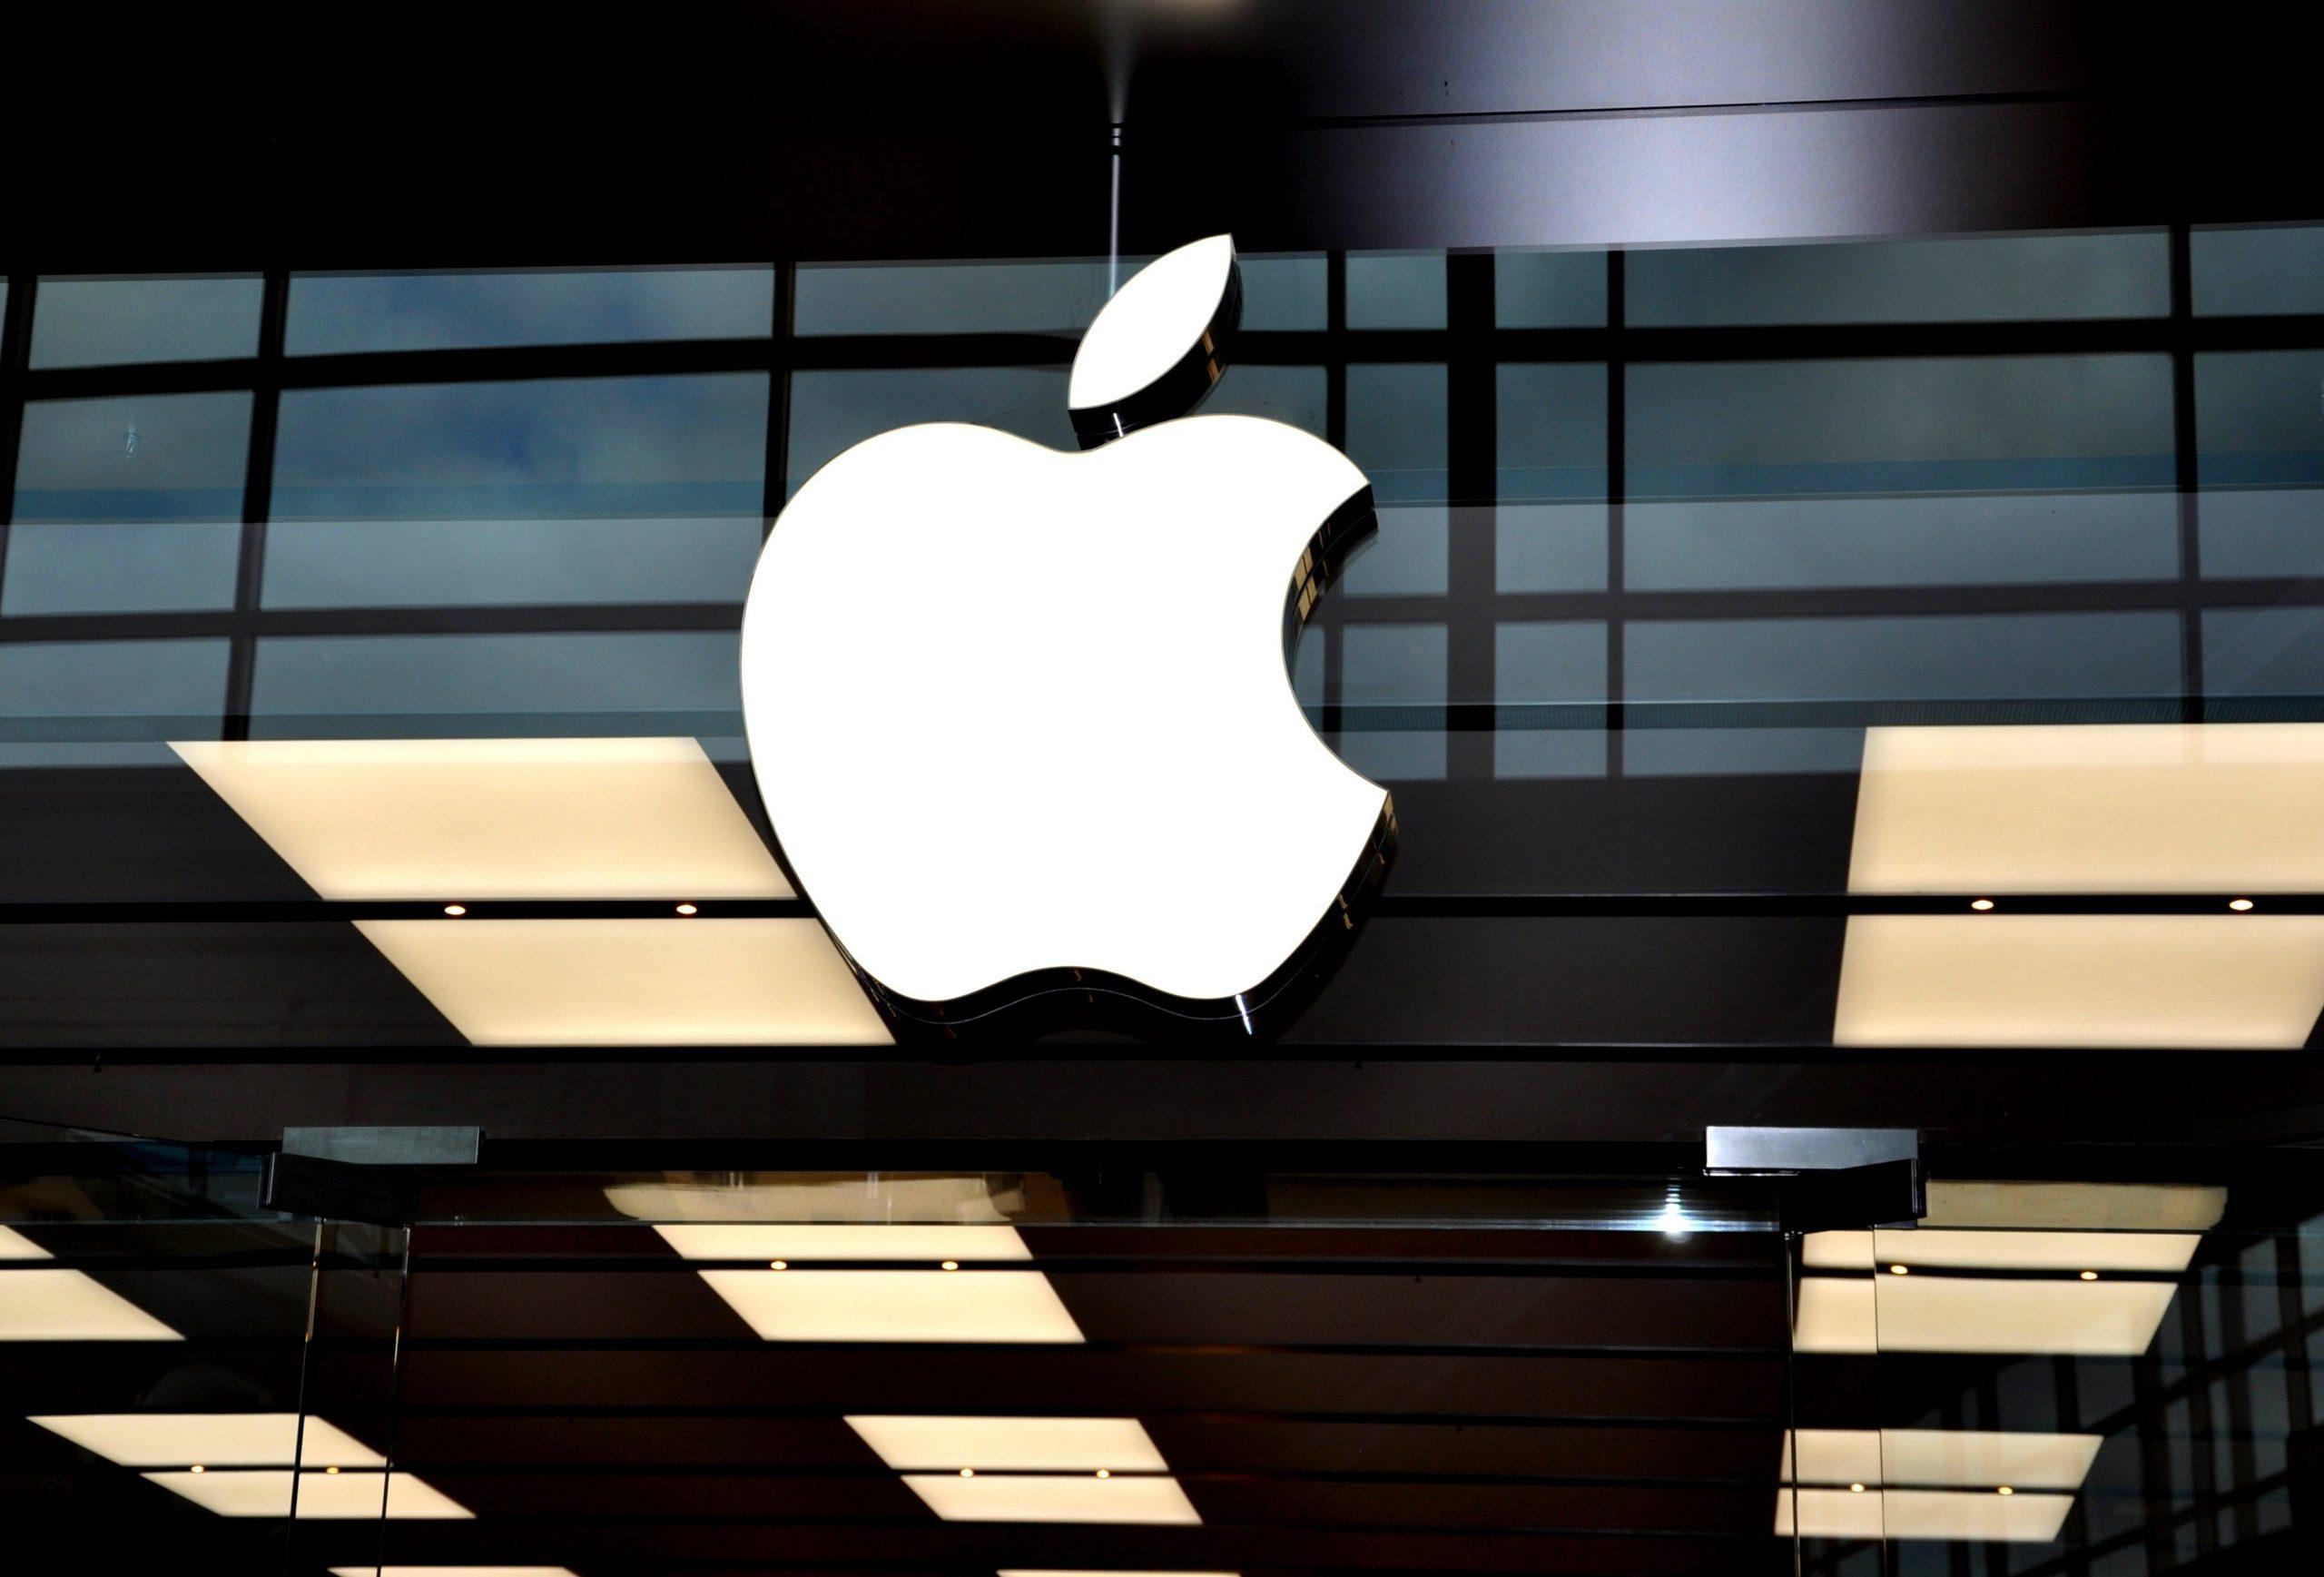 Акции Apple - прогноз и цена в 2021 году